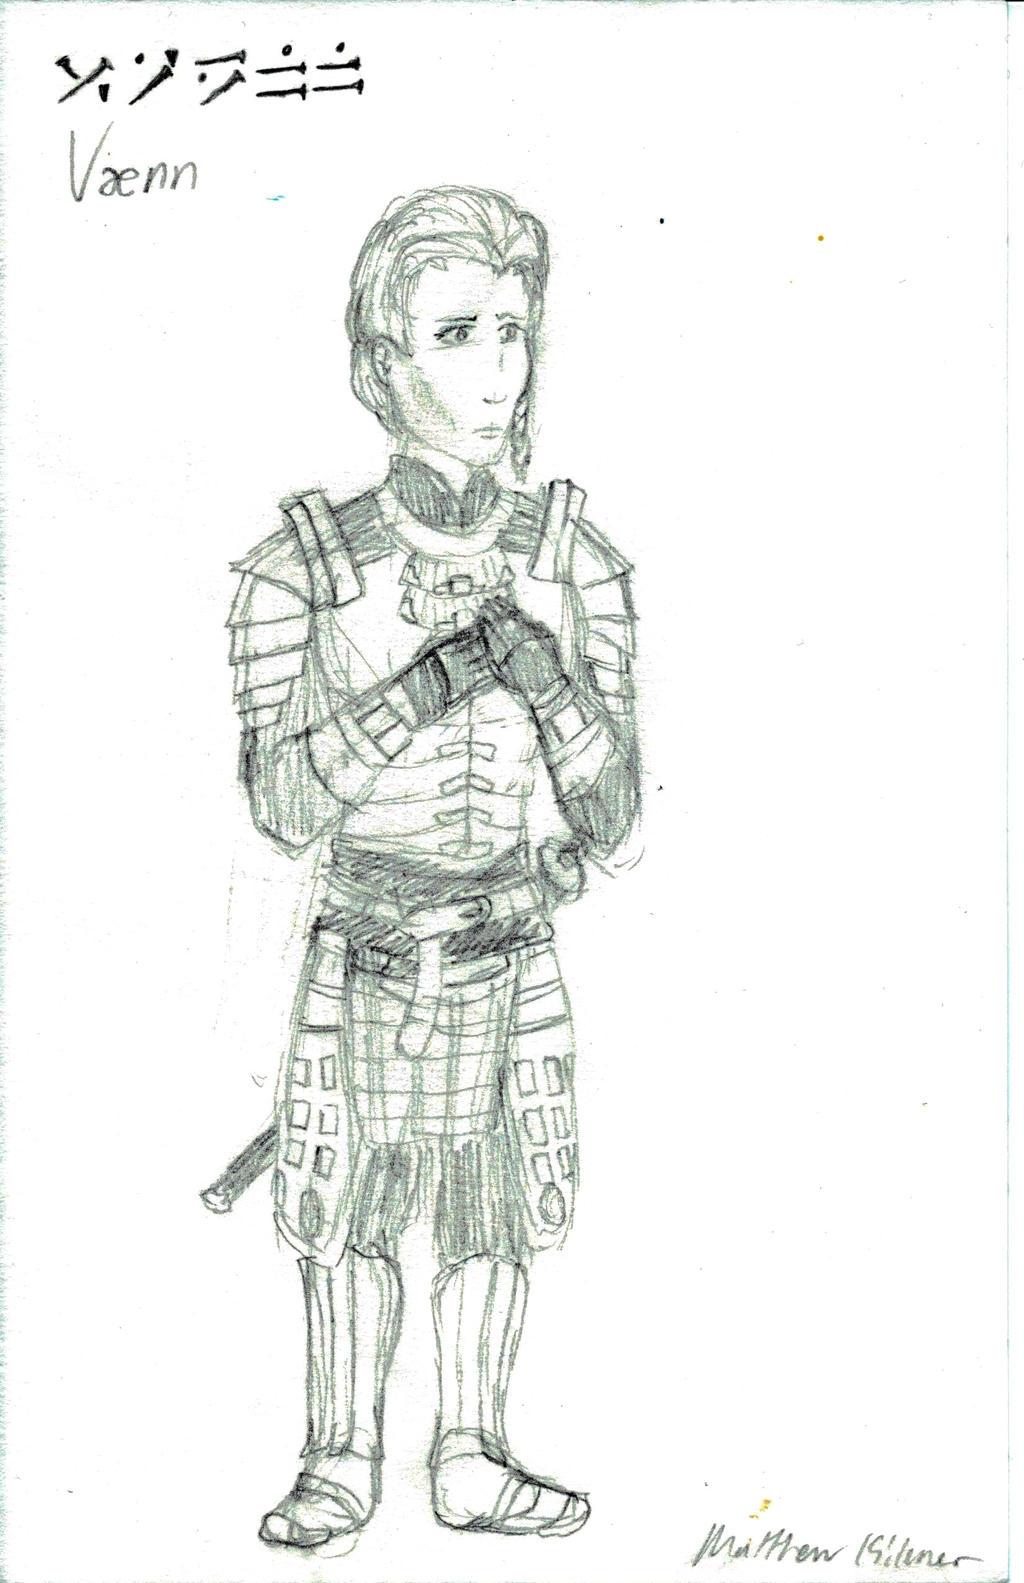 Elder Scrolls OC - Vaenn by holmesian1891